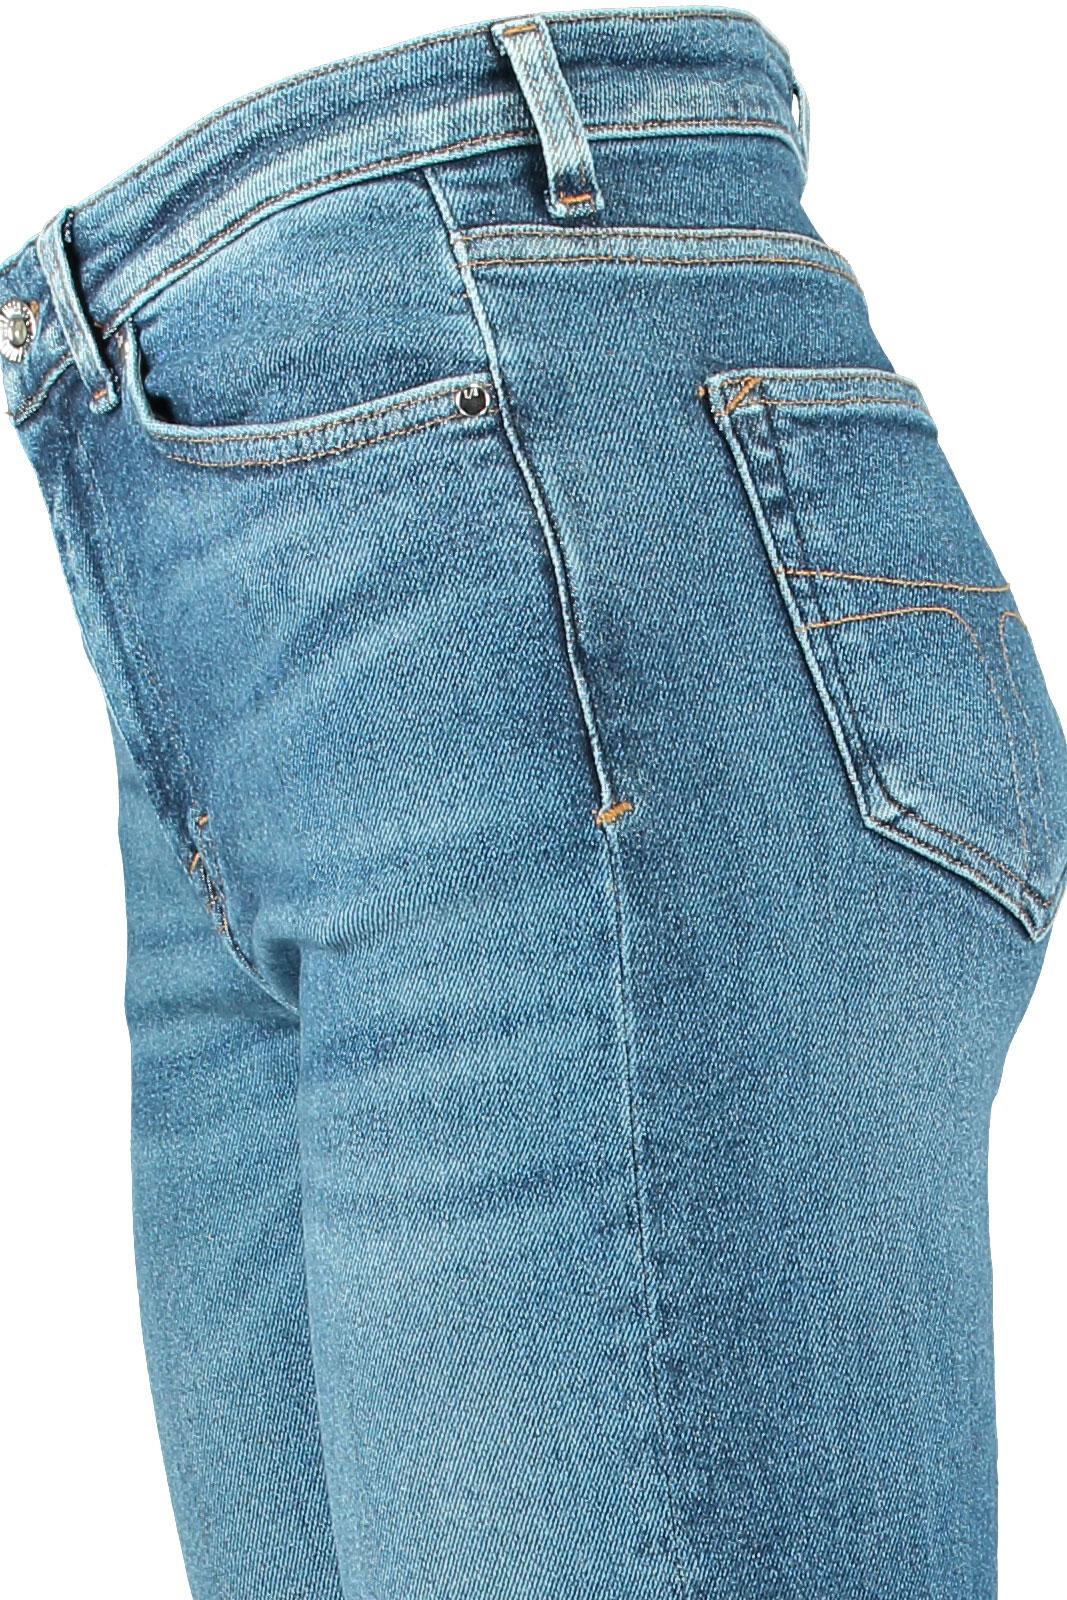 TIGER OF SWEDEN JEANS Jeans DAM Outlet 71818c173df91